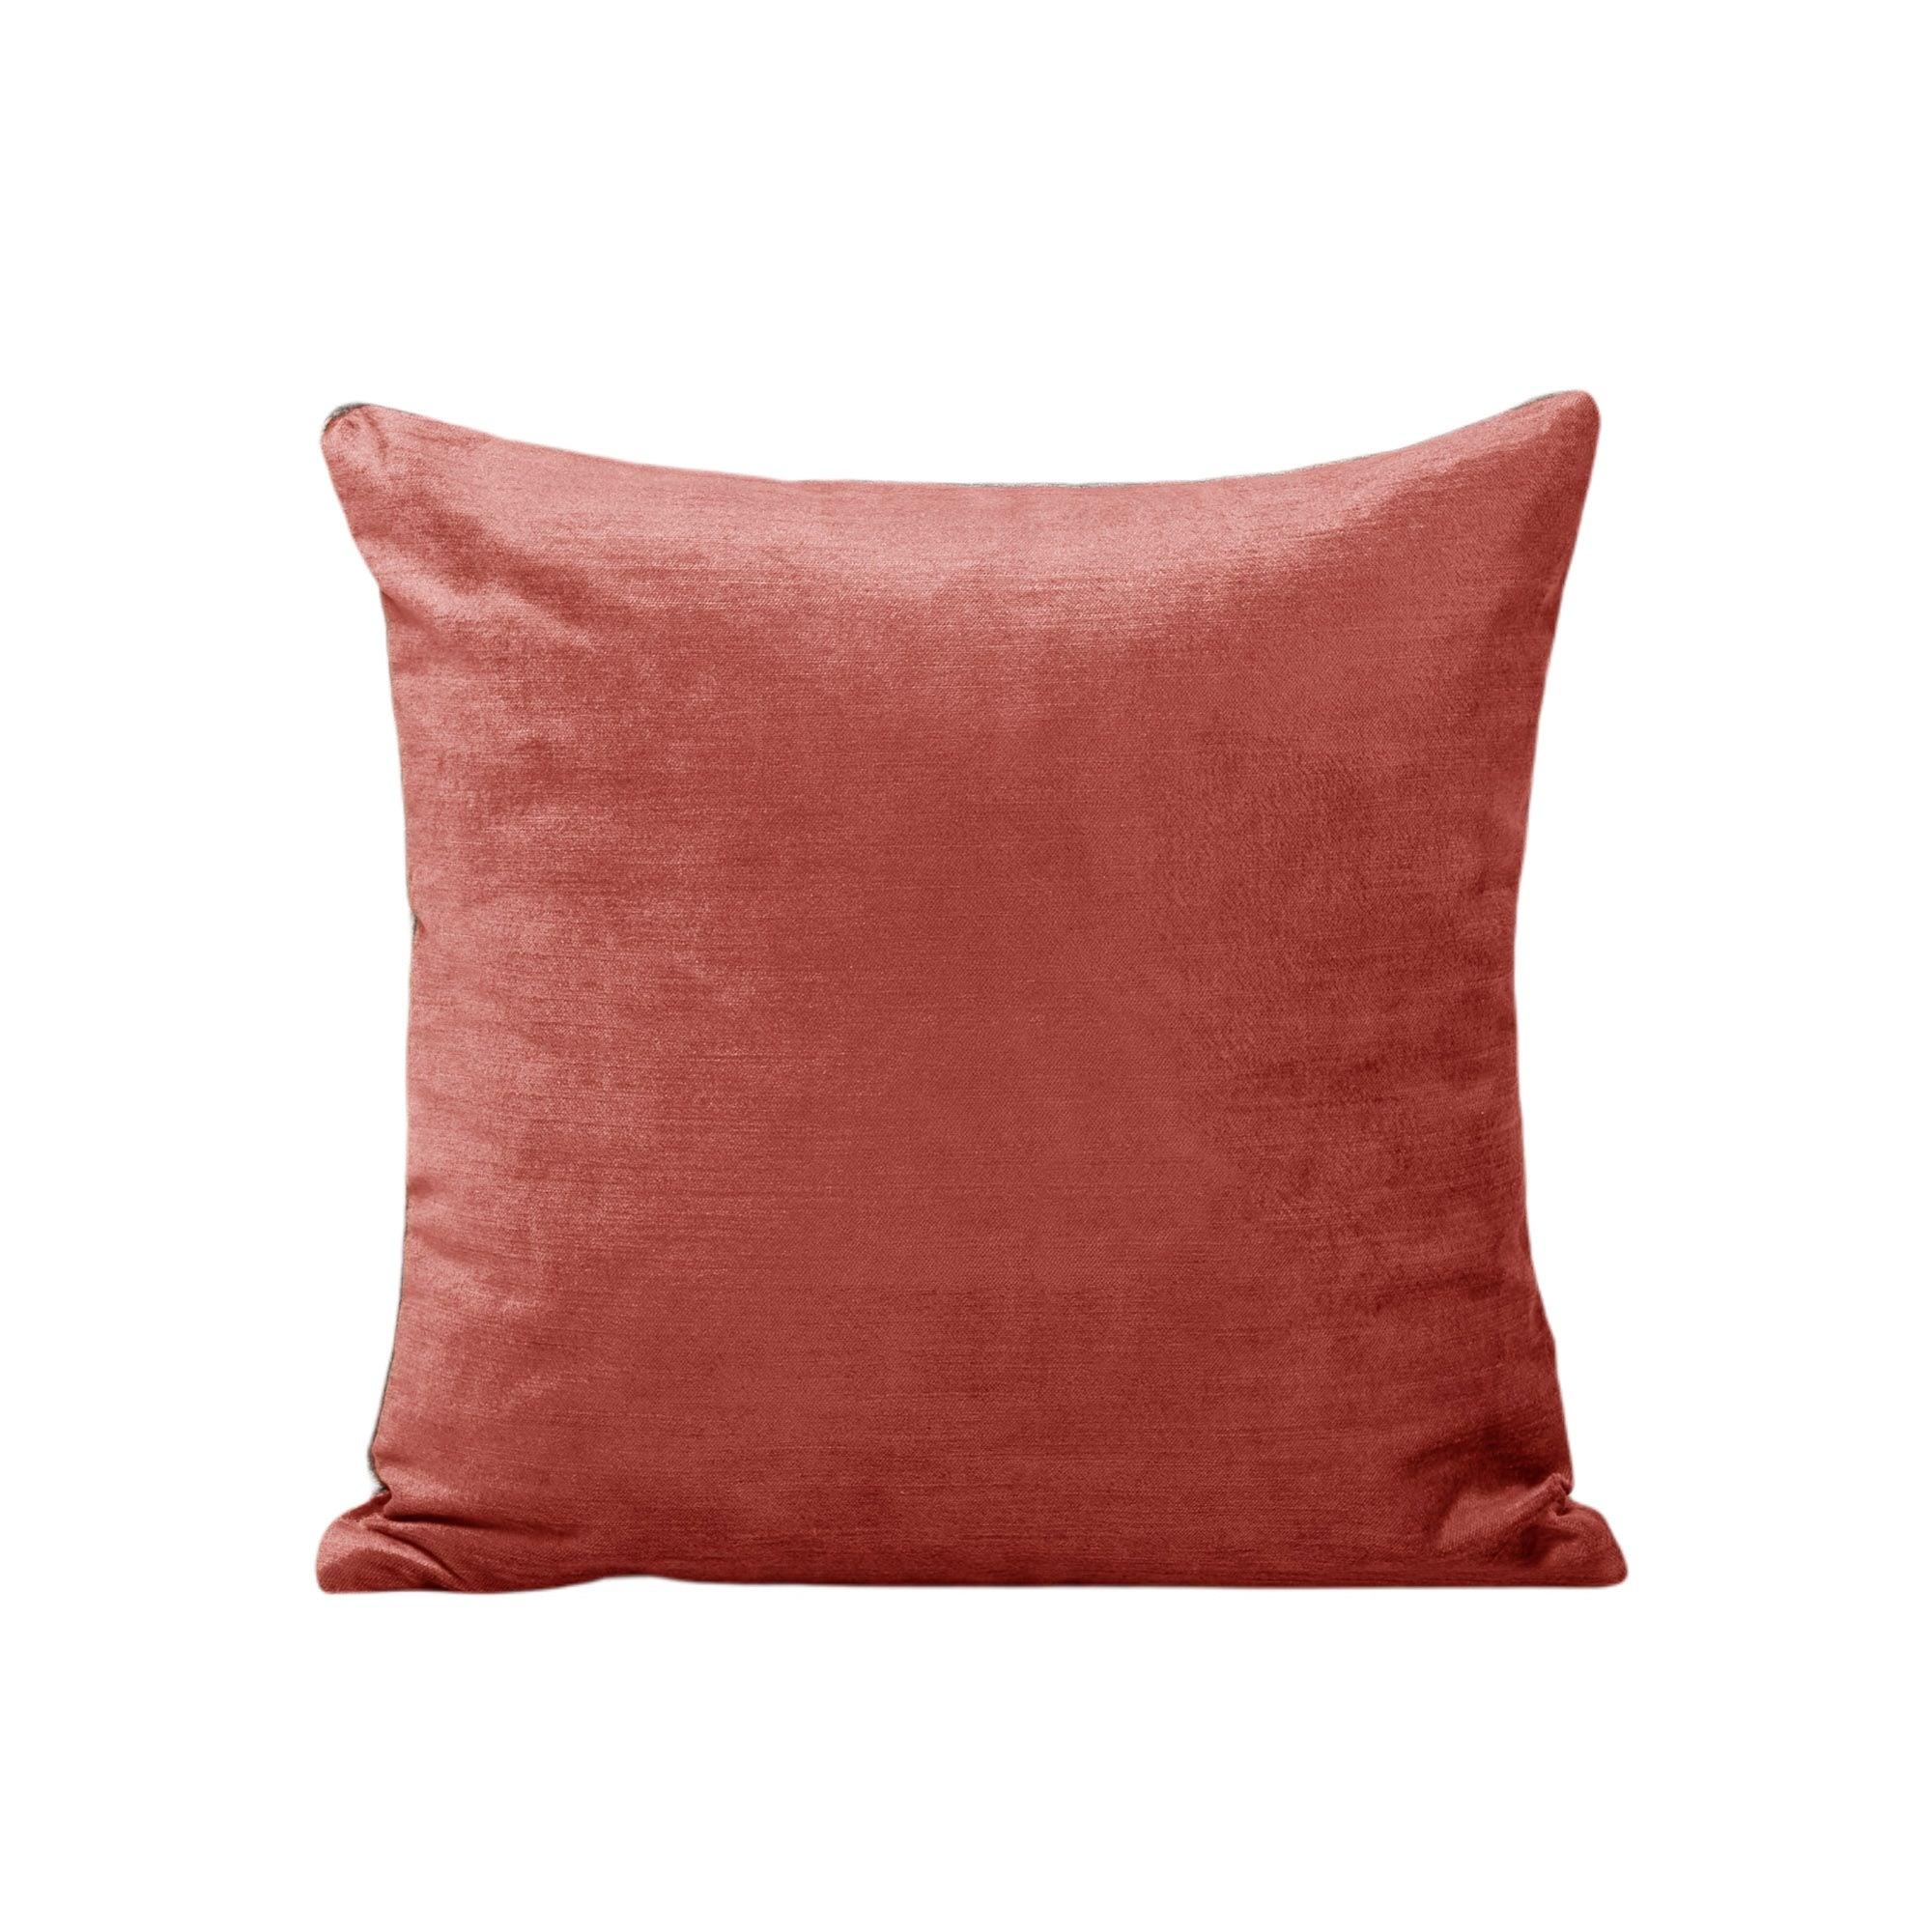 Housse de coussin 50x50 cm Rose orangé